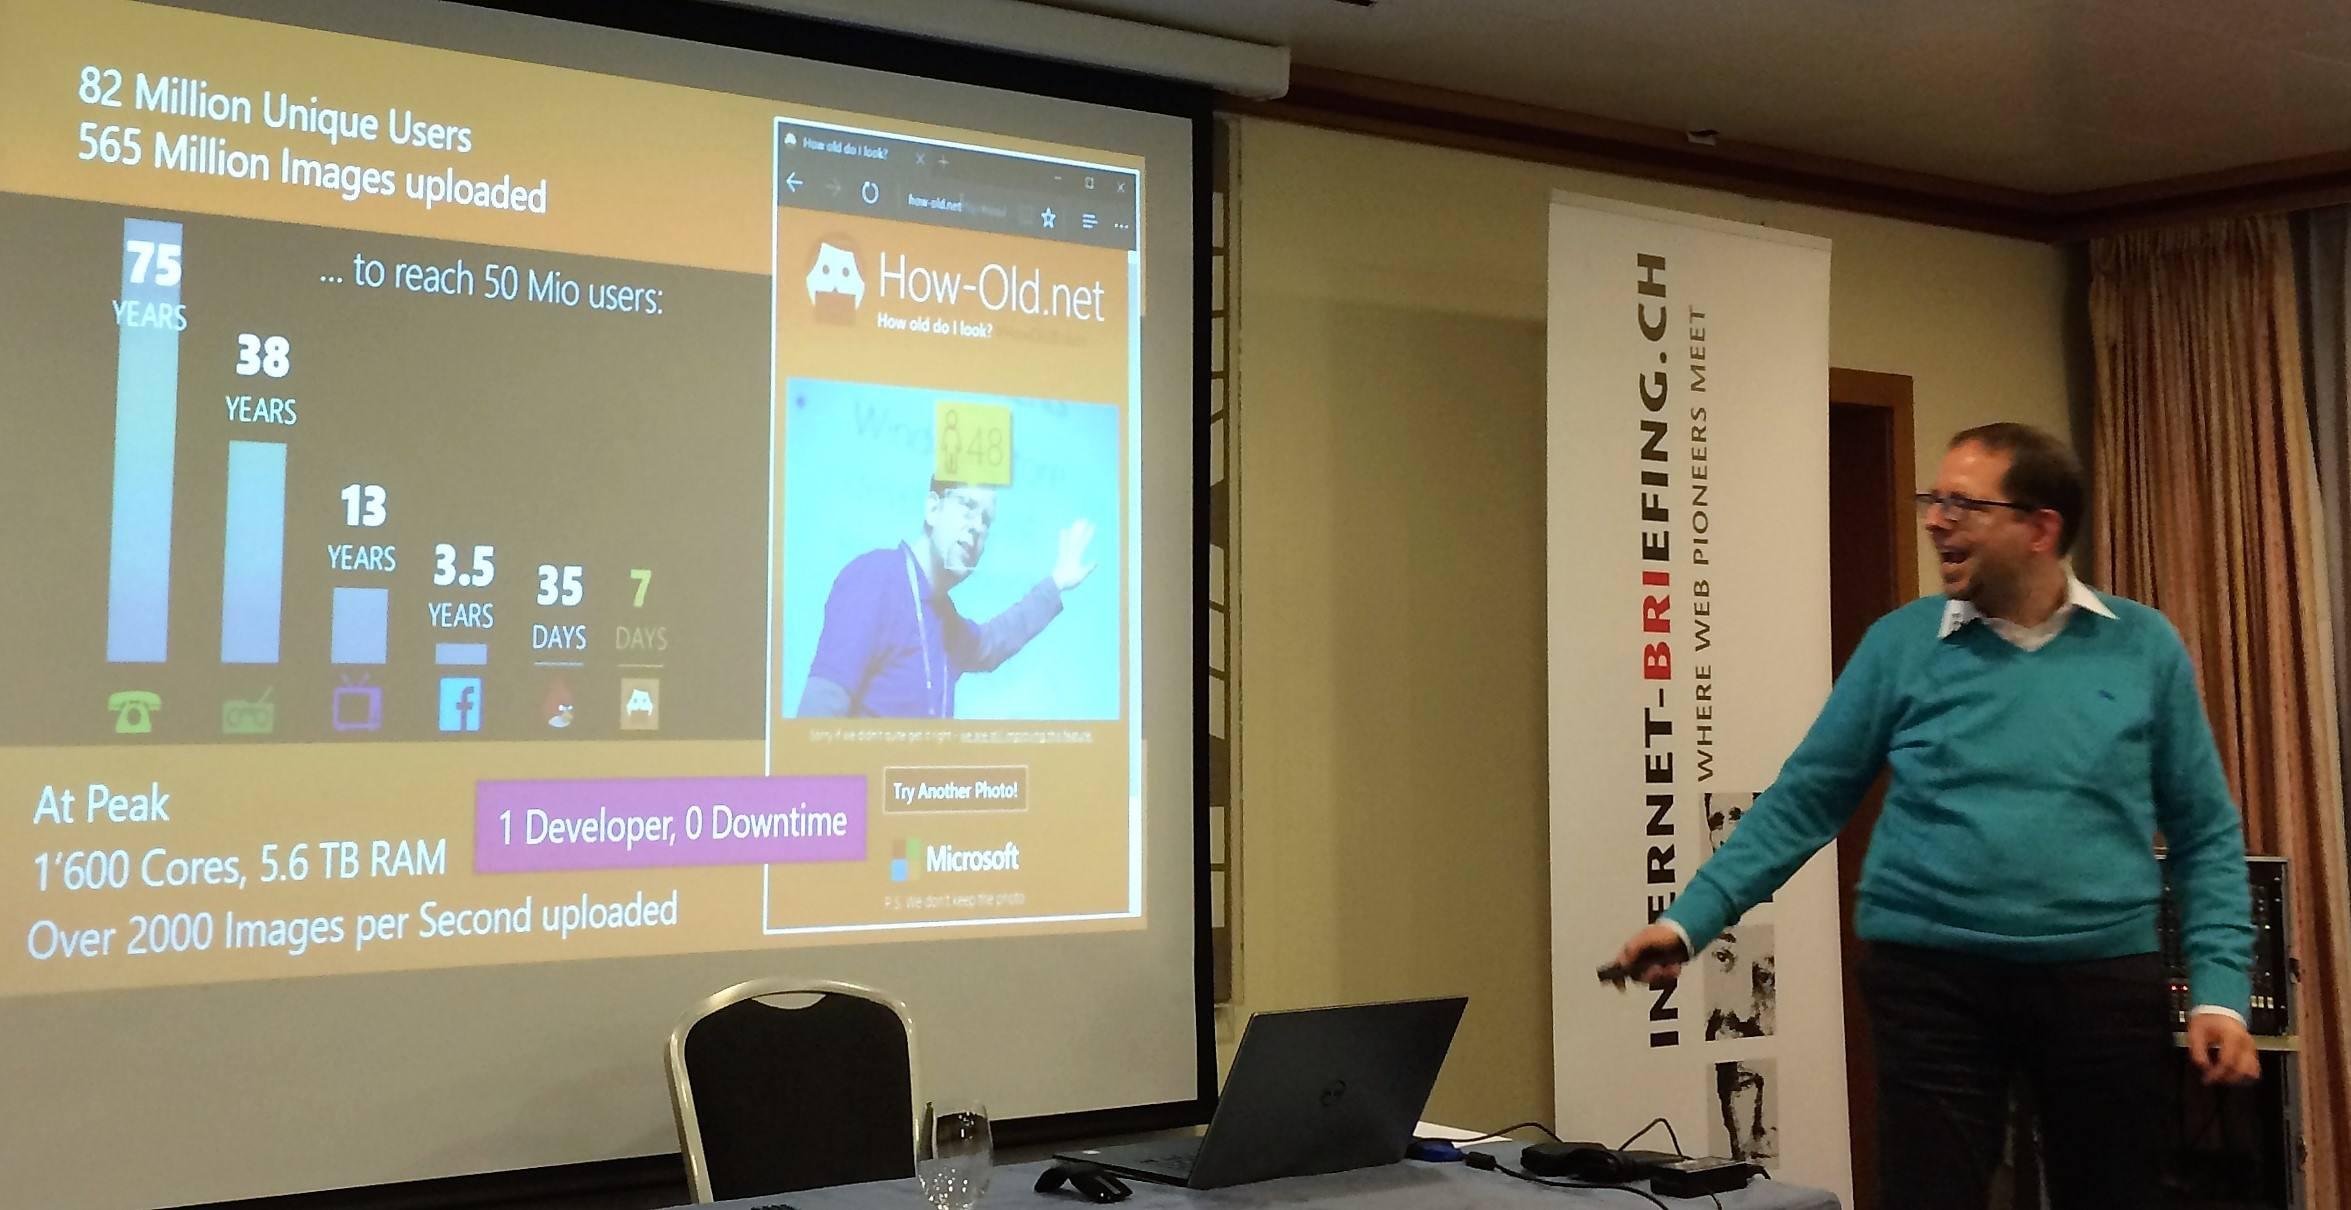 Bilderkennungsdemo von Microsofts how-old.net